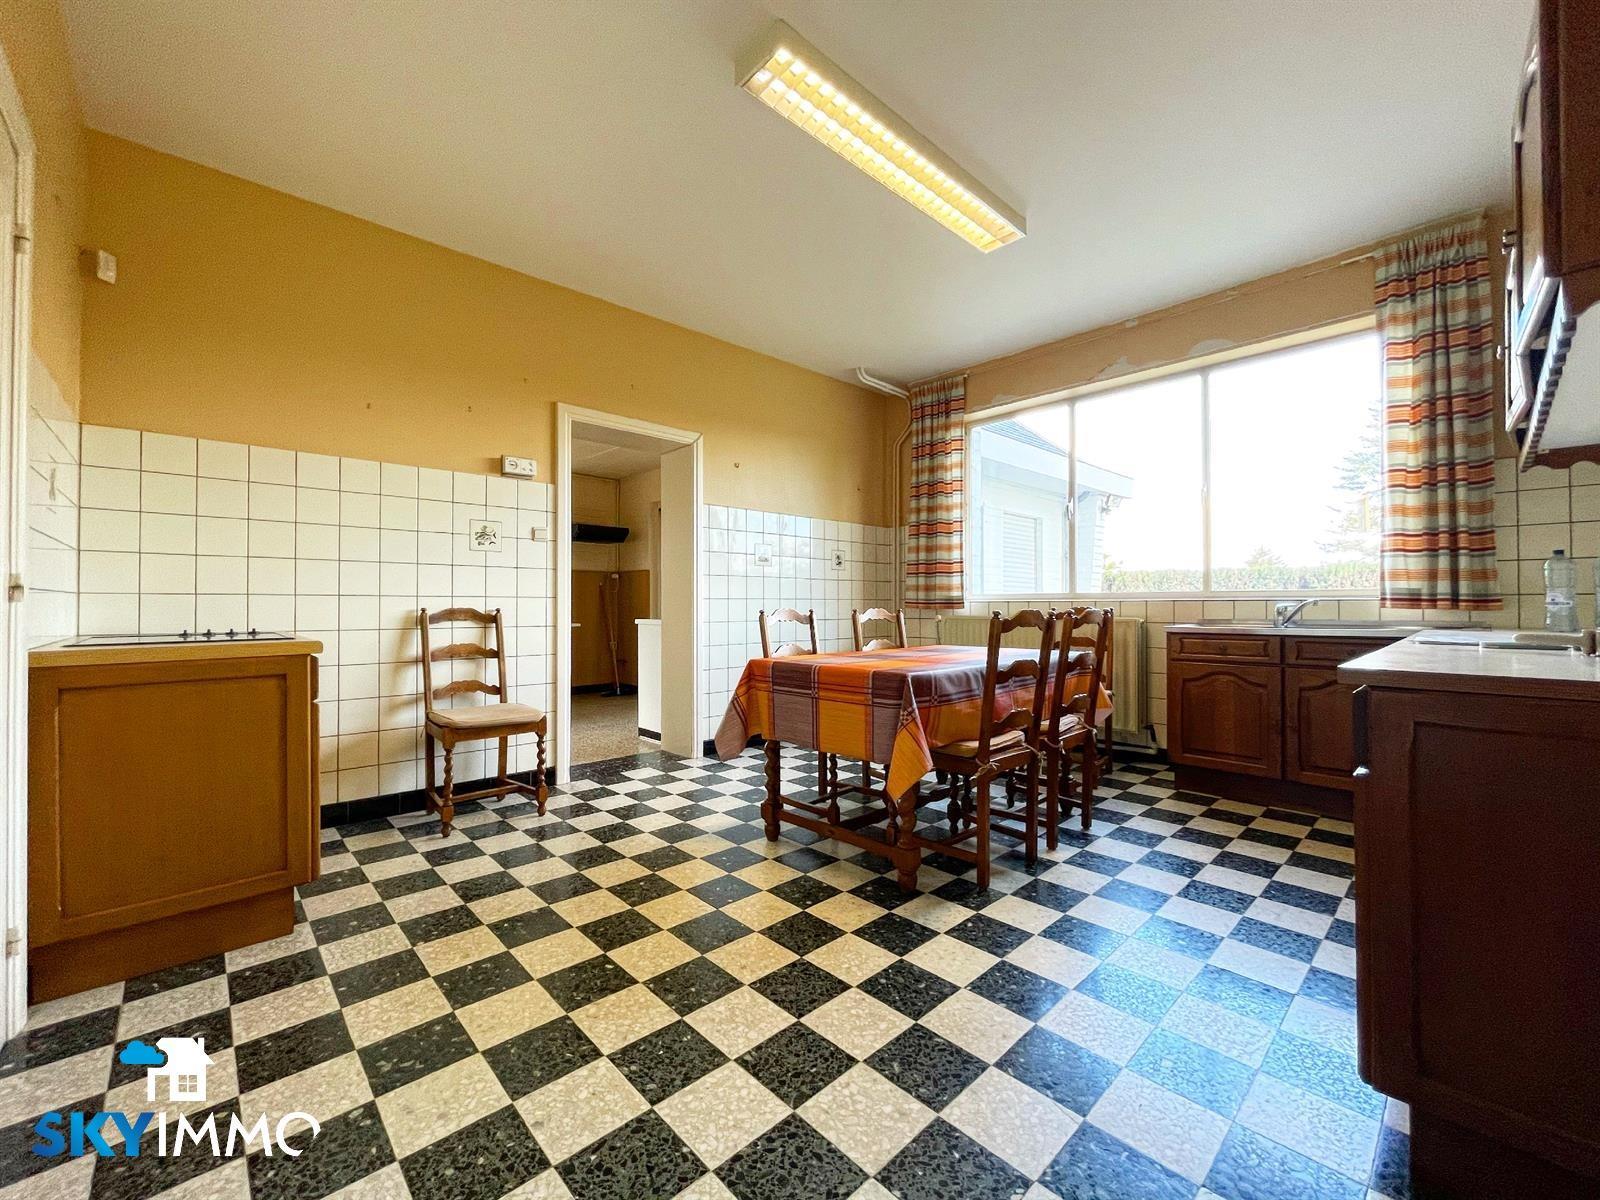 Maison - Liege - #4350467-10